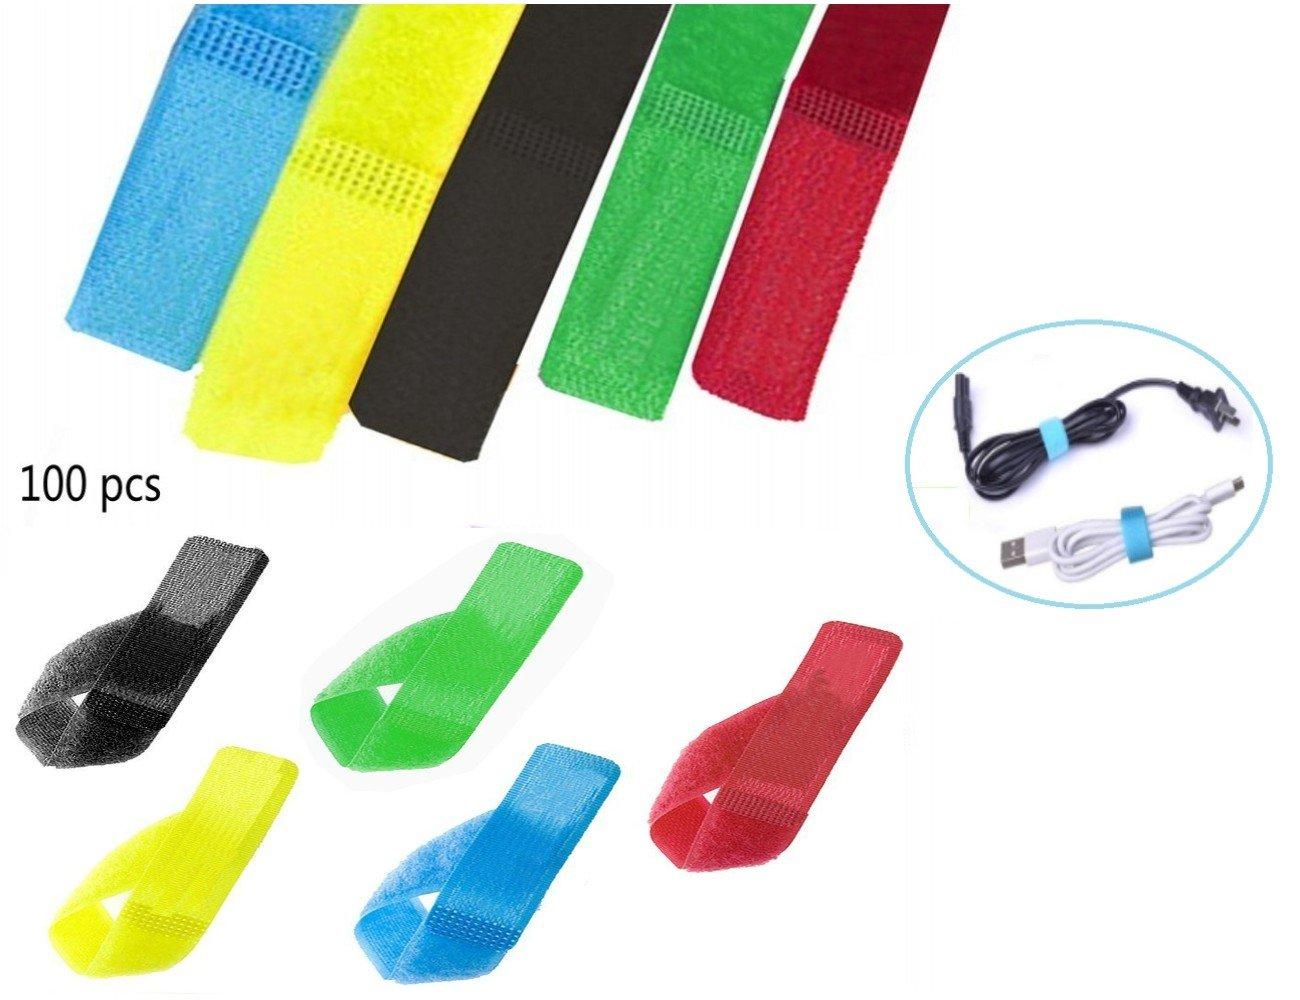 100pcs Nylon crochet et bande Velcro boucle, réutilisable auto-agrippant fixation encapsule des bretelles, attaches de câble bien rangé, cordon organisateur de câbles pour ordinateur portable Tablet